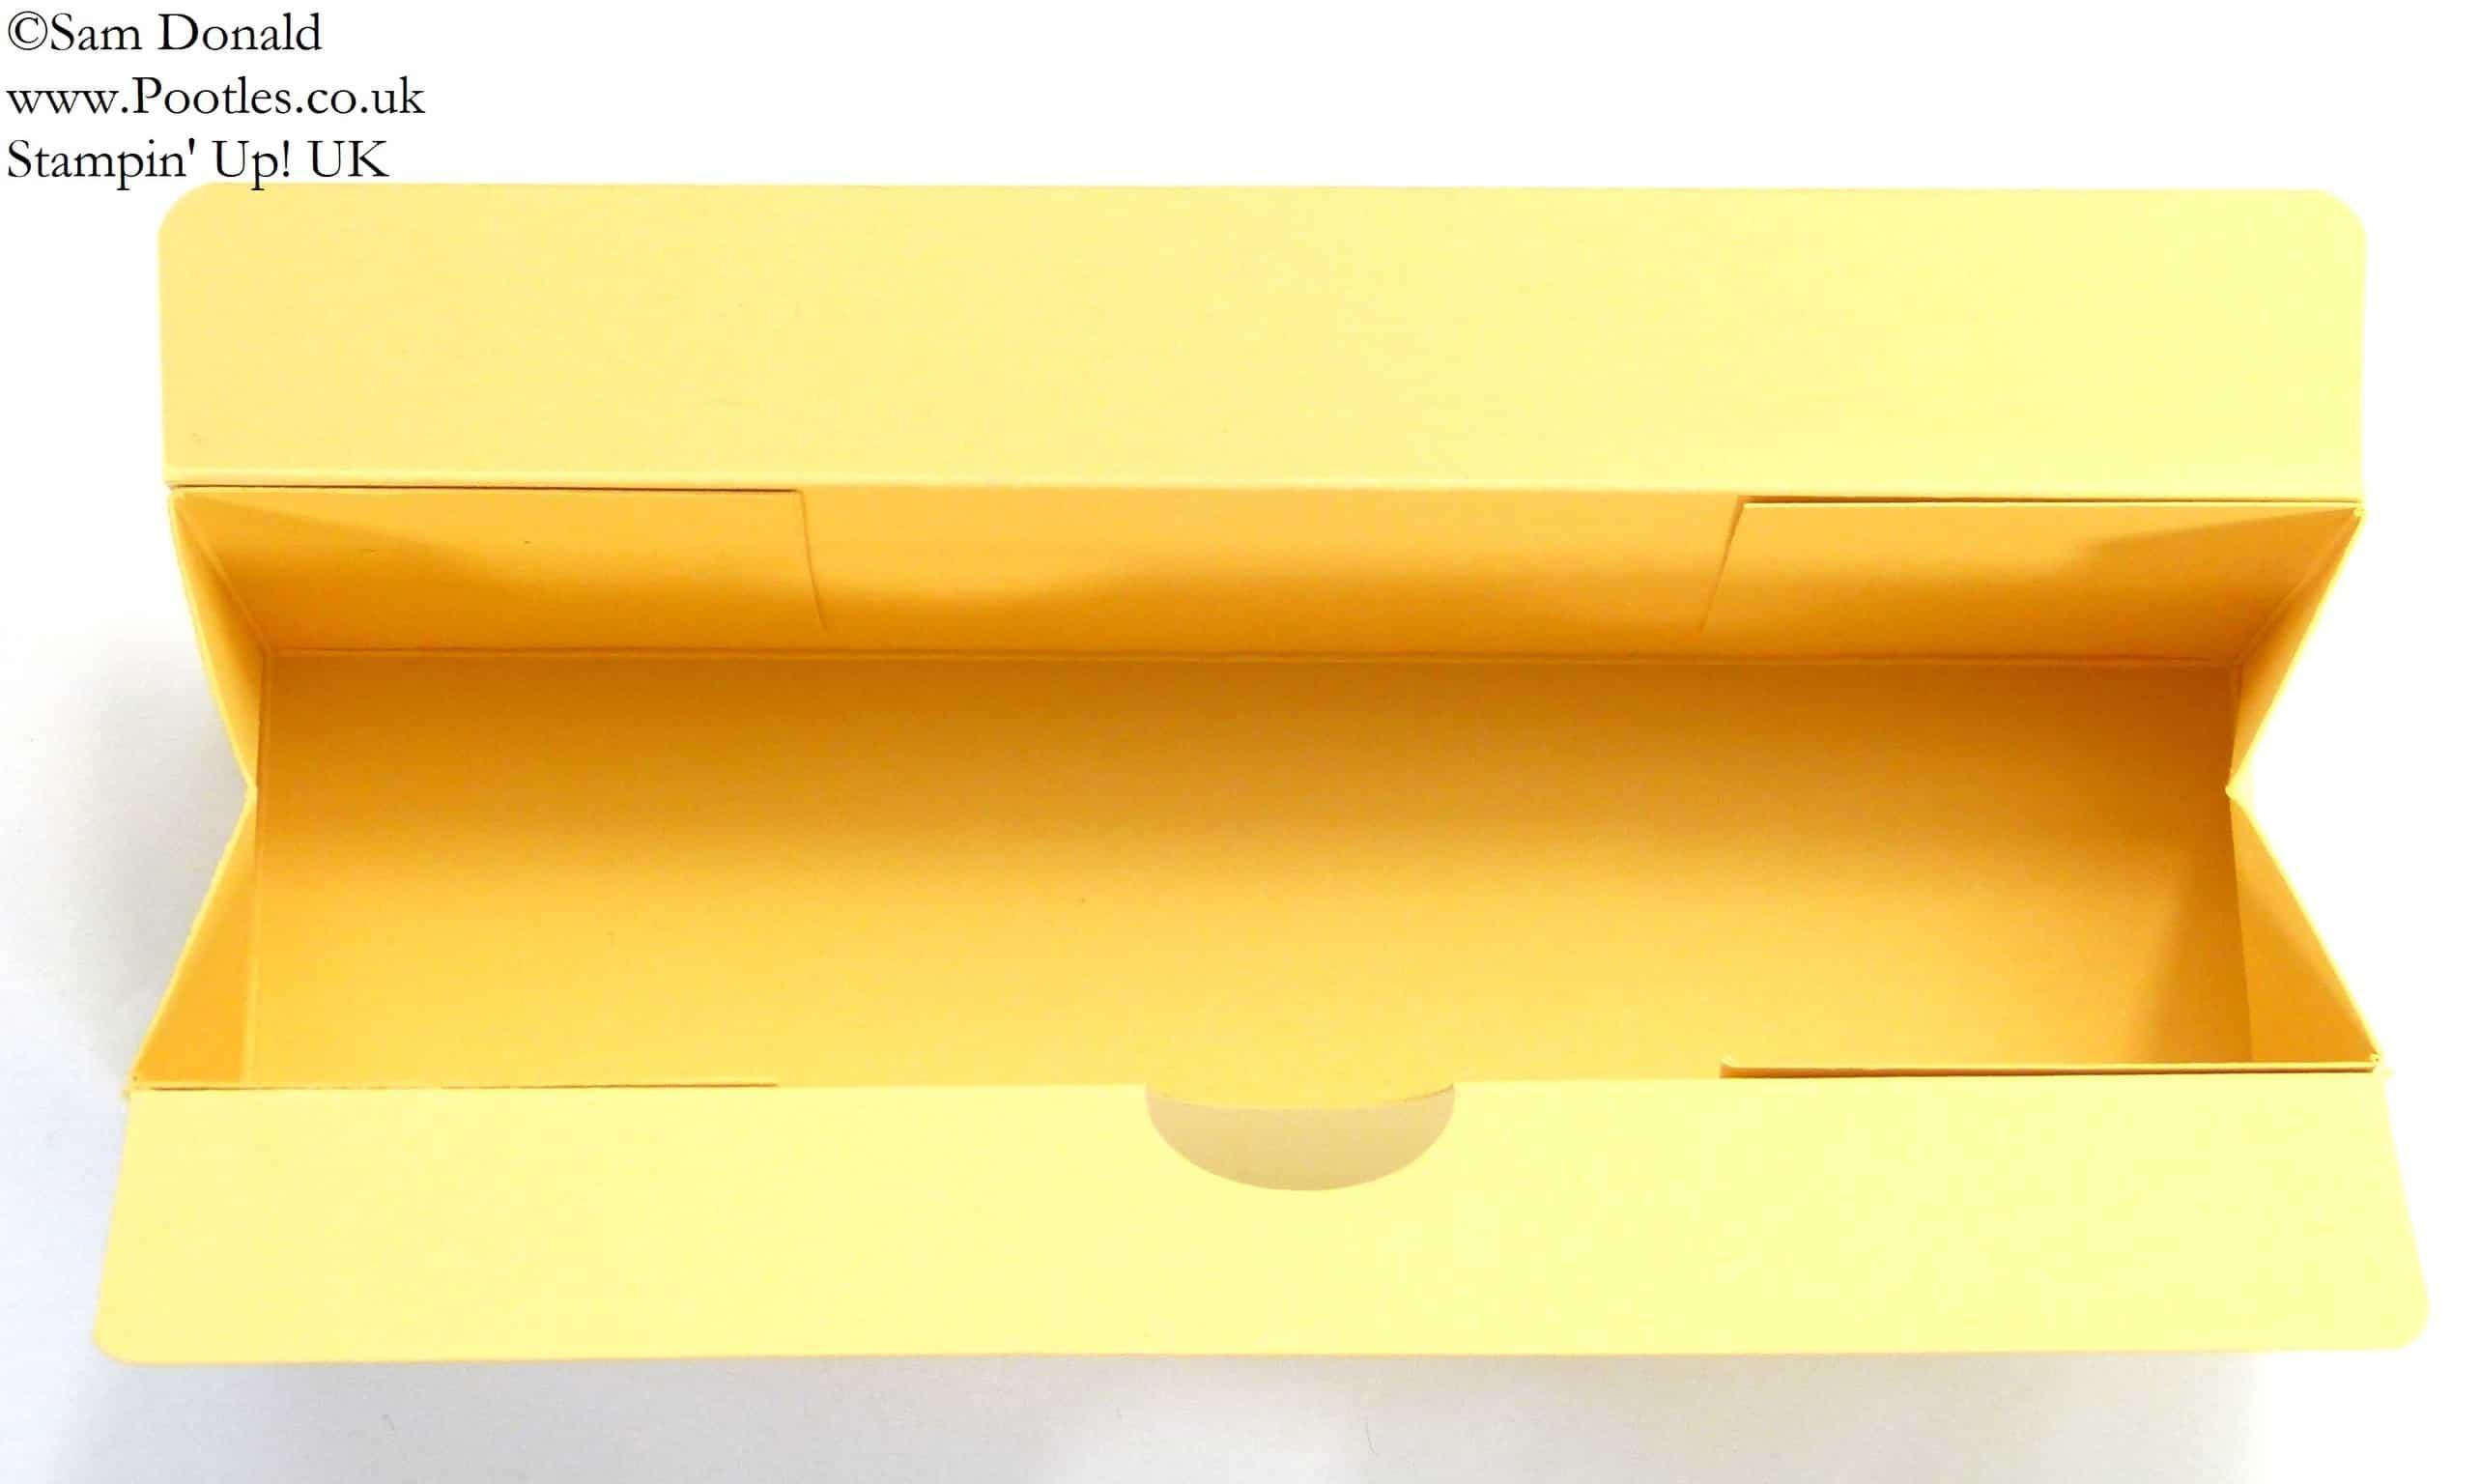 POOTLES Stampin' Up! UK 7inch (18cm)Triangular Box Tutorial